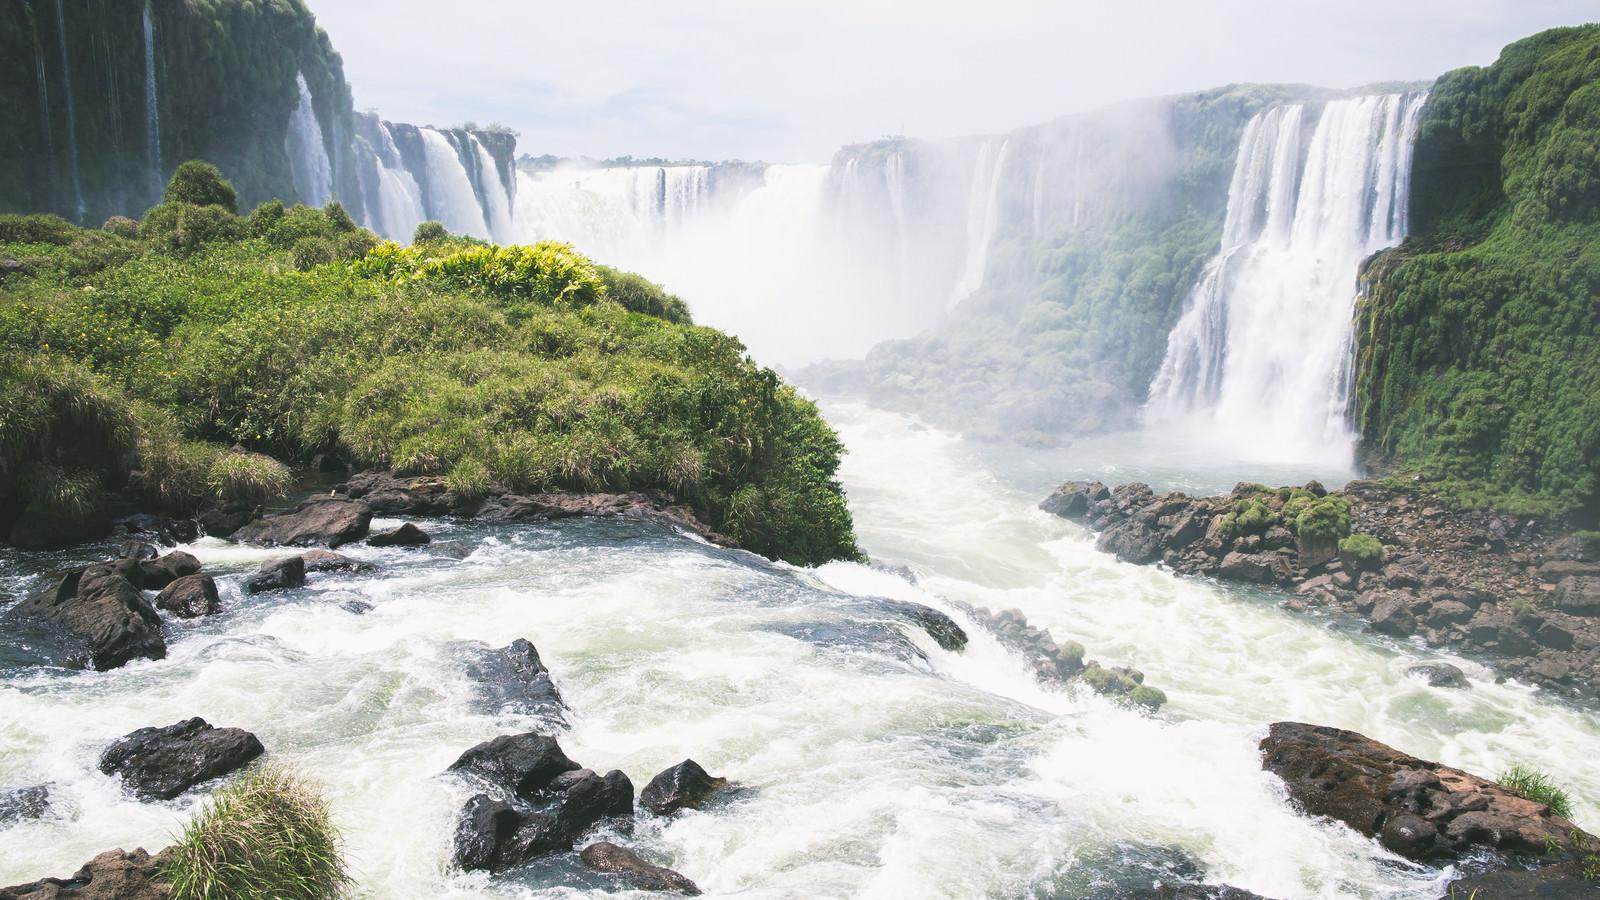 「激しい水の流れとイグアスの滝(南米大陸)」の写真